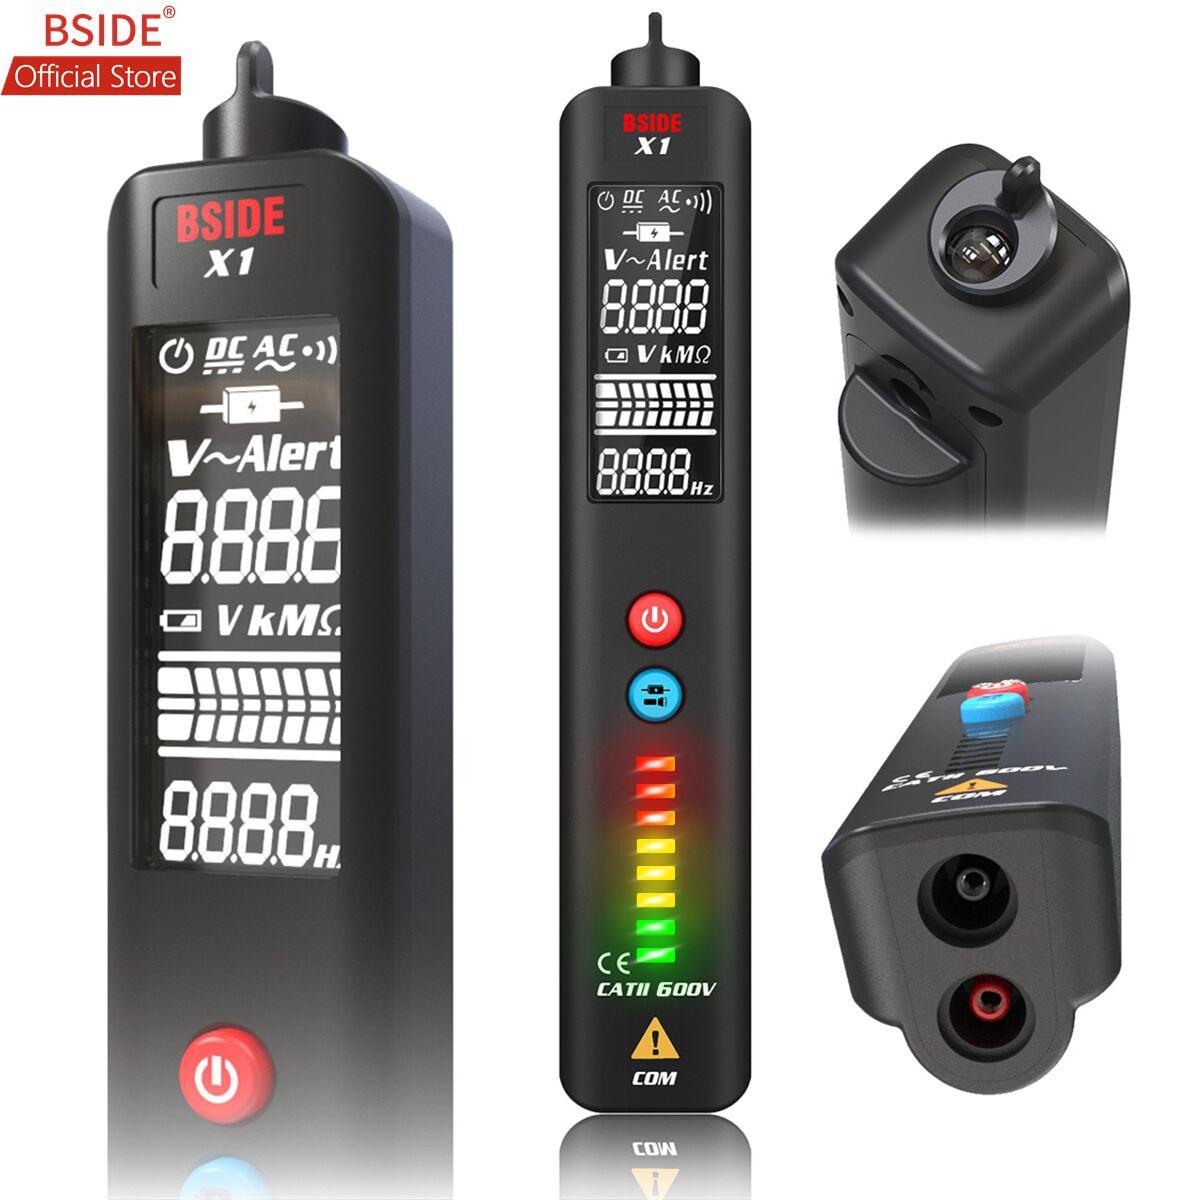 BSIDE X1 EBTN Напряжение тестер 3 он-лайн большой ЖК-дисплей детектор Напряжения Бесконтактный Двойной диапазон AC Напряжение сенсорная ручка жив...